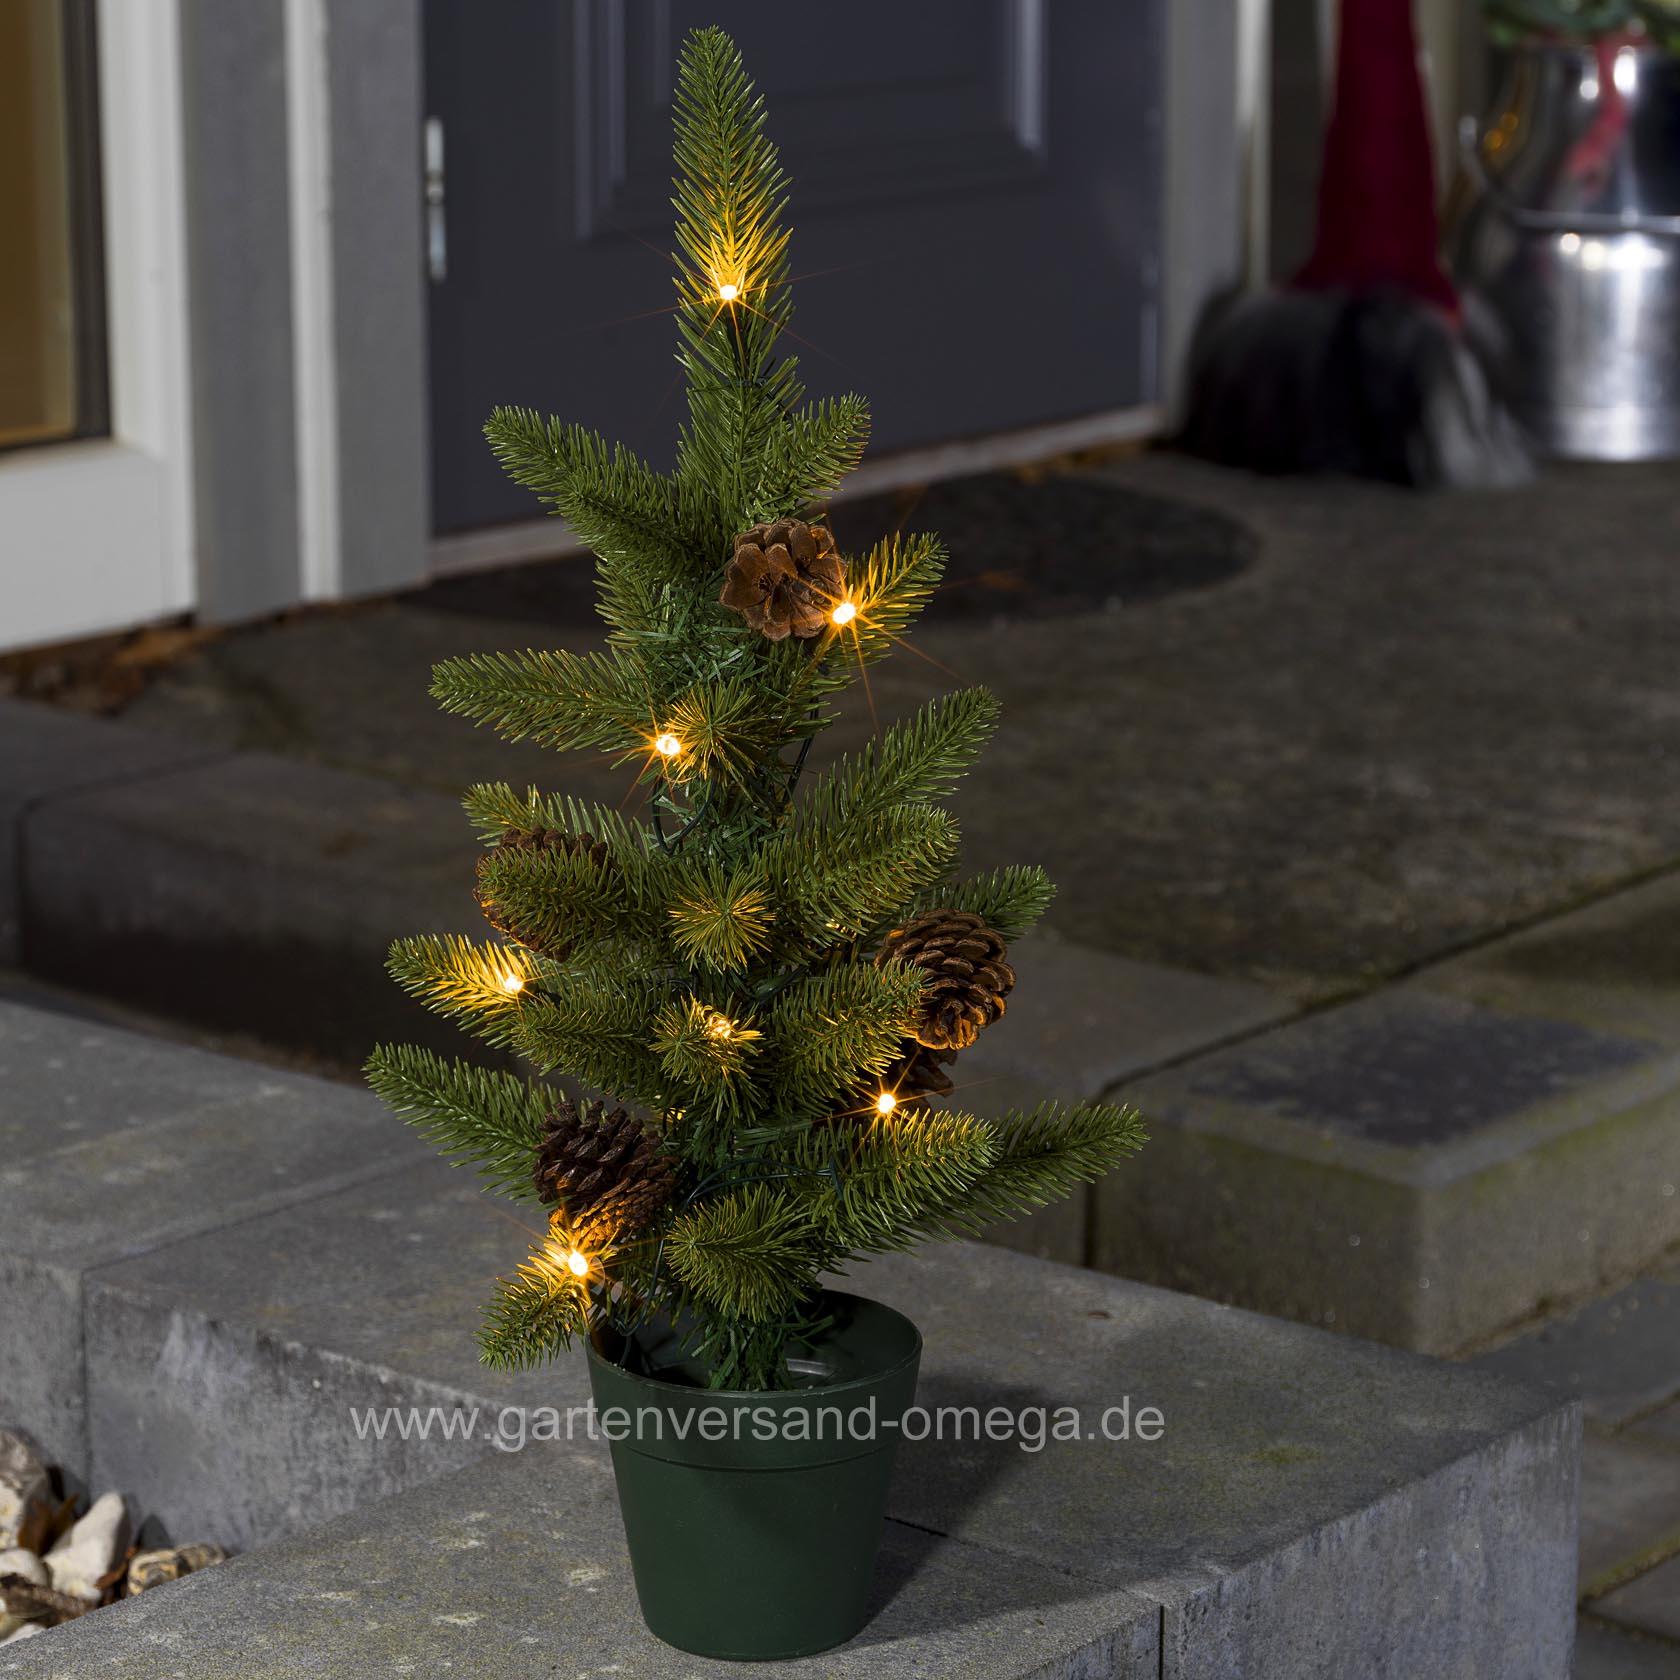 Künstlicher Weihnachtsbaum Außen.Batteriebetriebener Led Weihnachtsbaum 45cm Für Außen